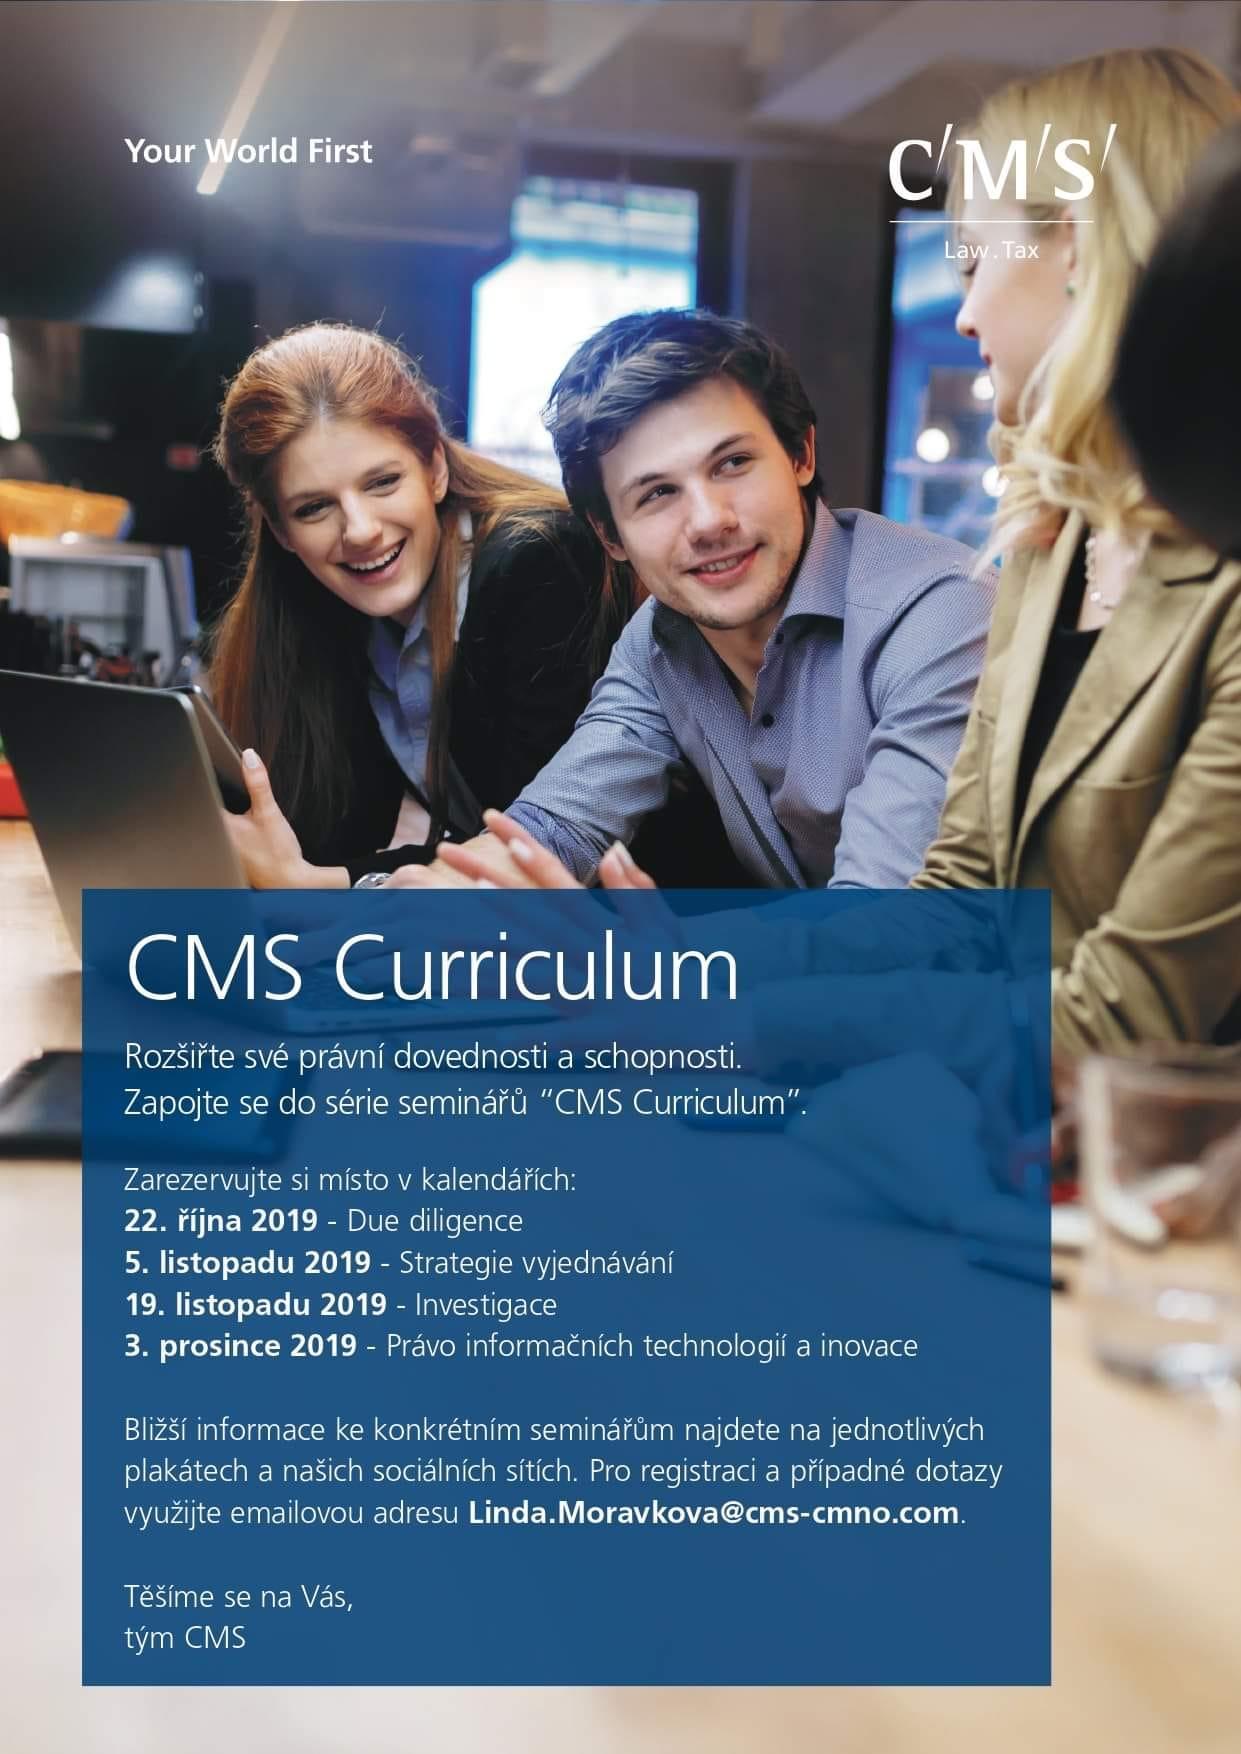 CMS Curriculum